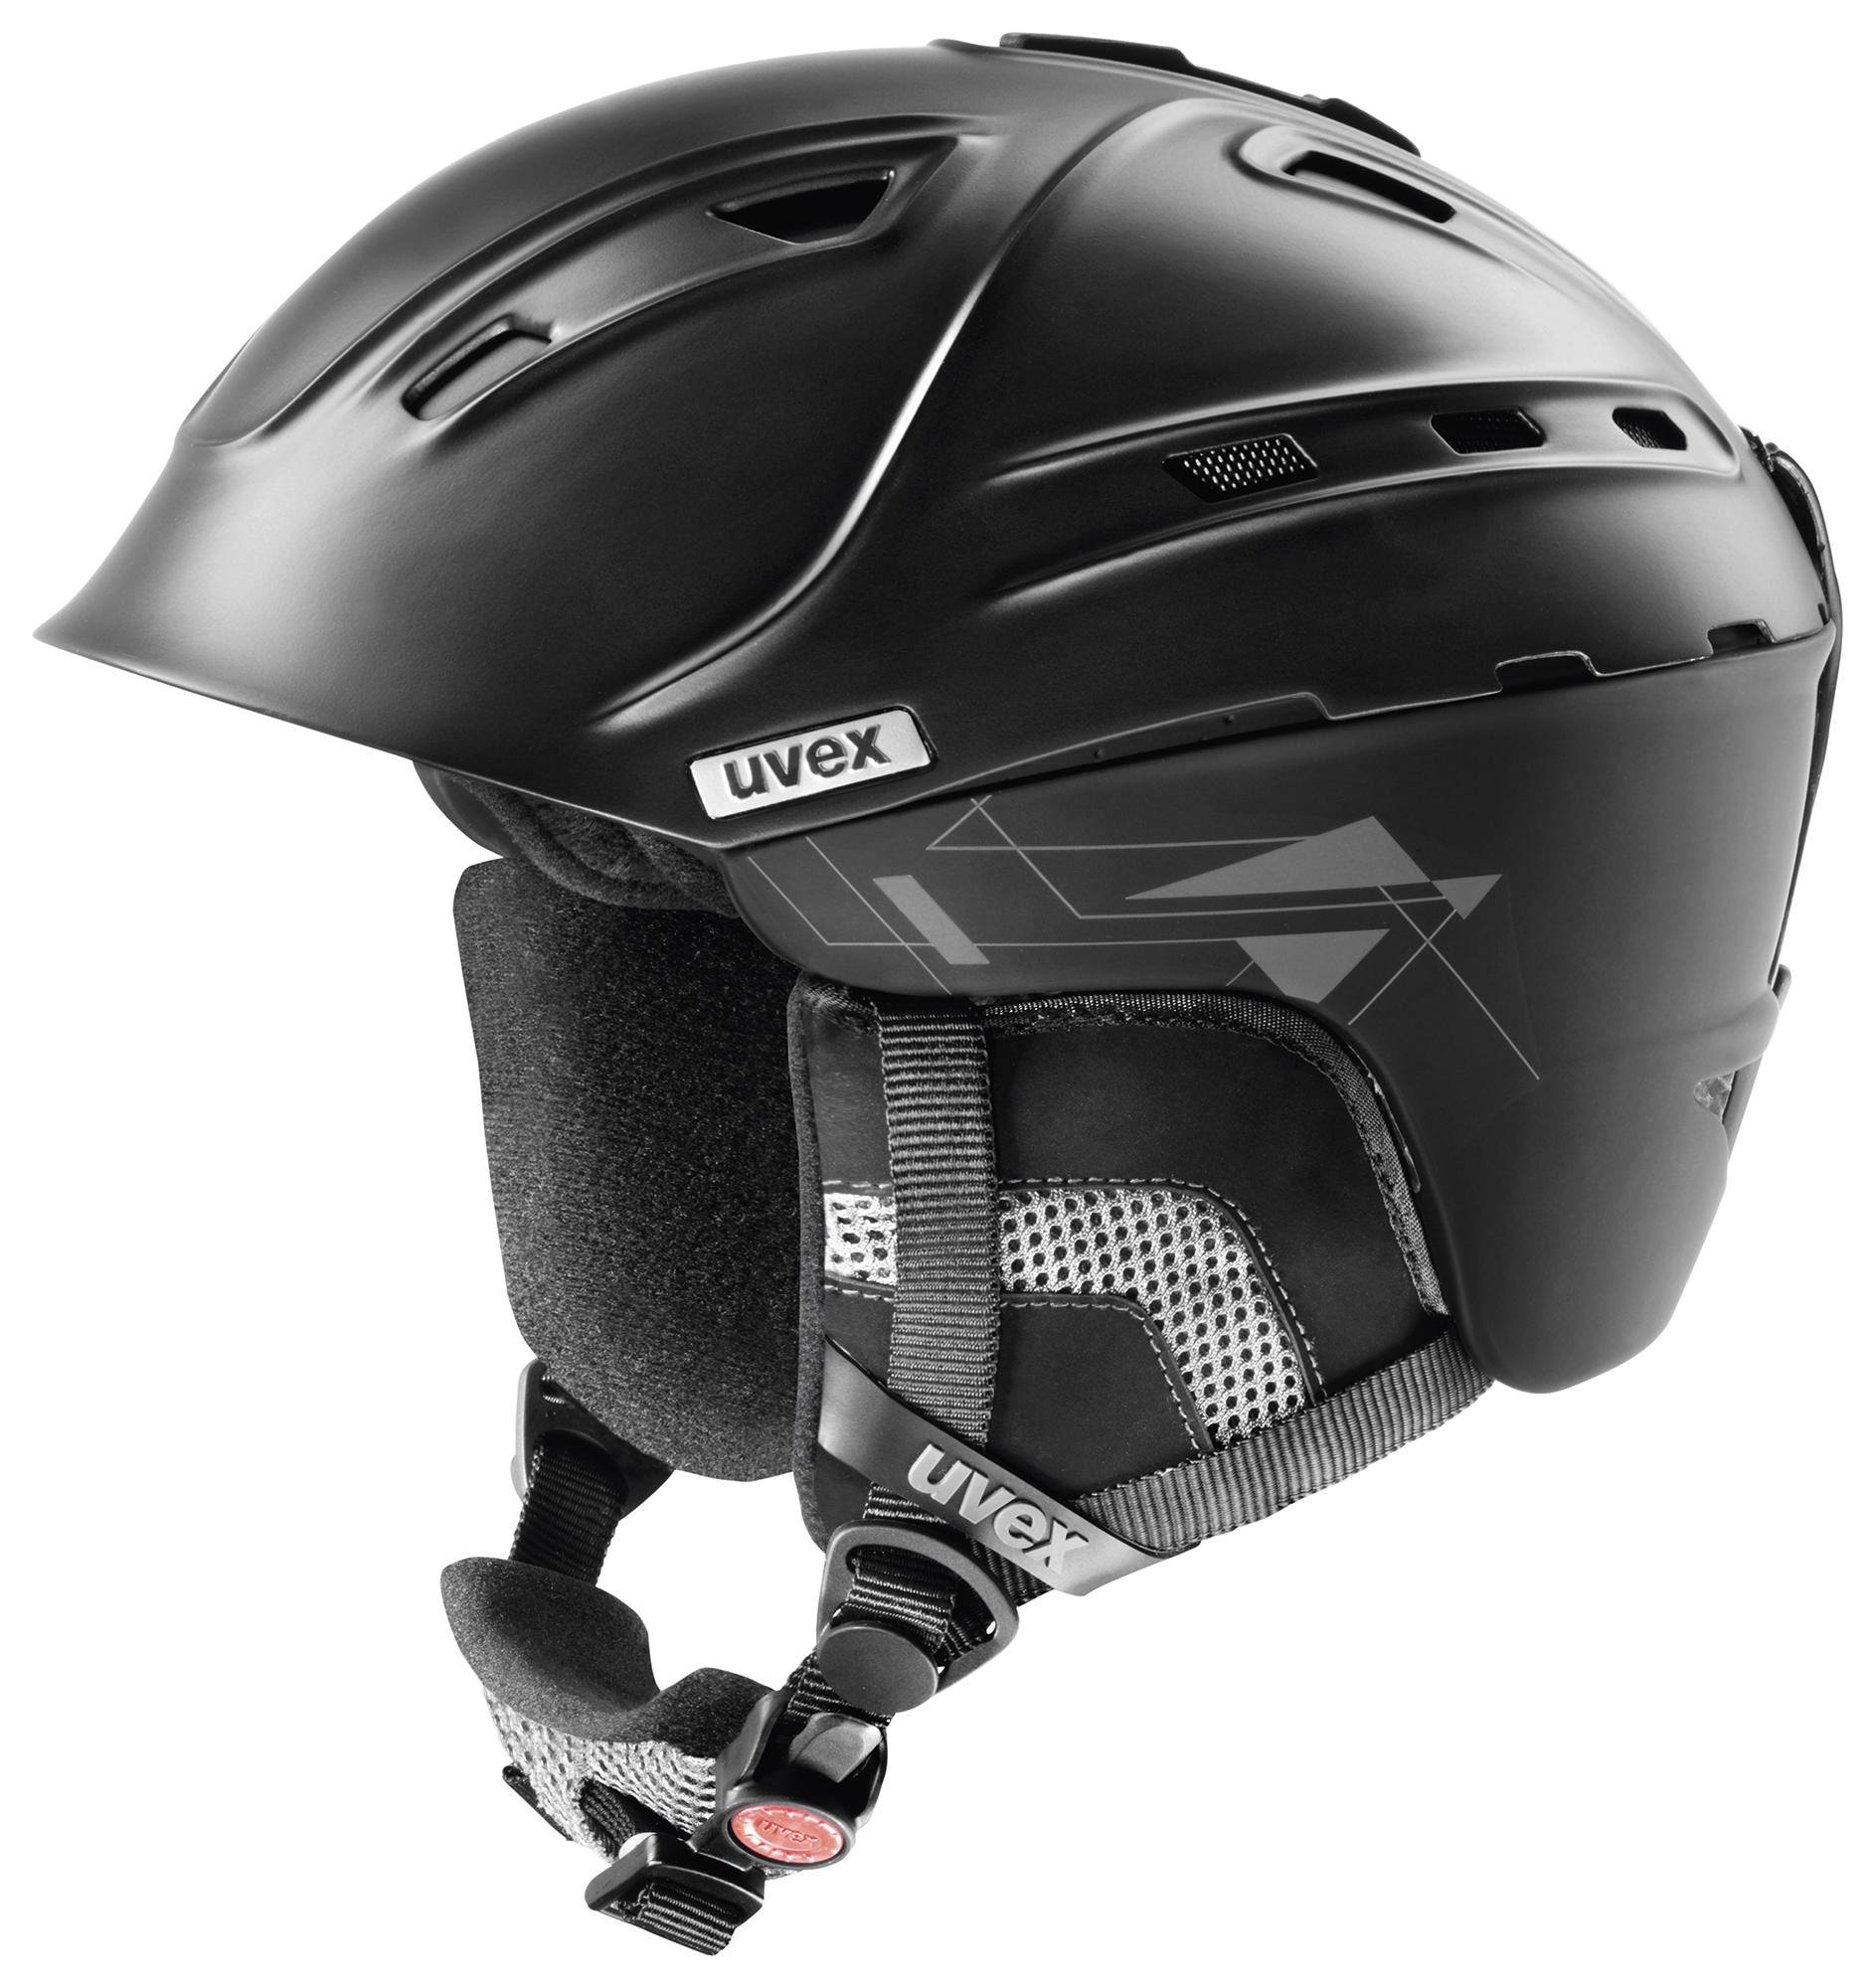 Uvex Шлем Uvex P2us, размер 59-60